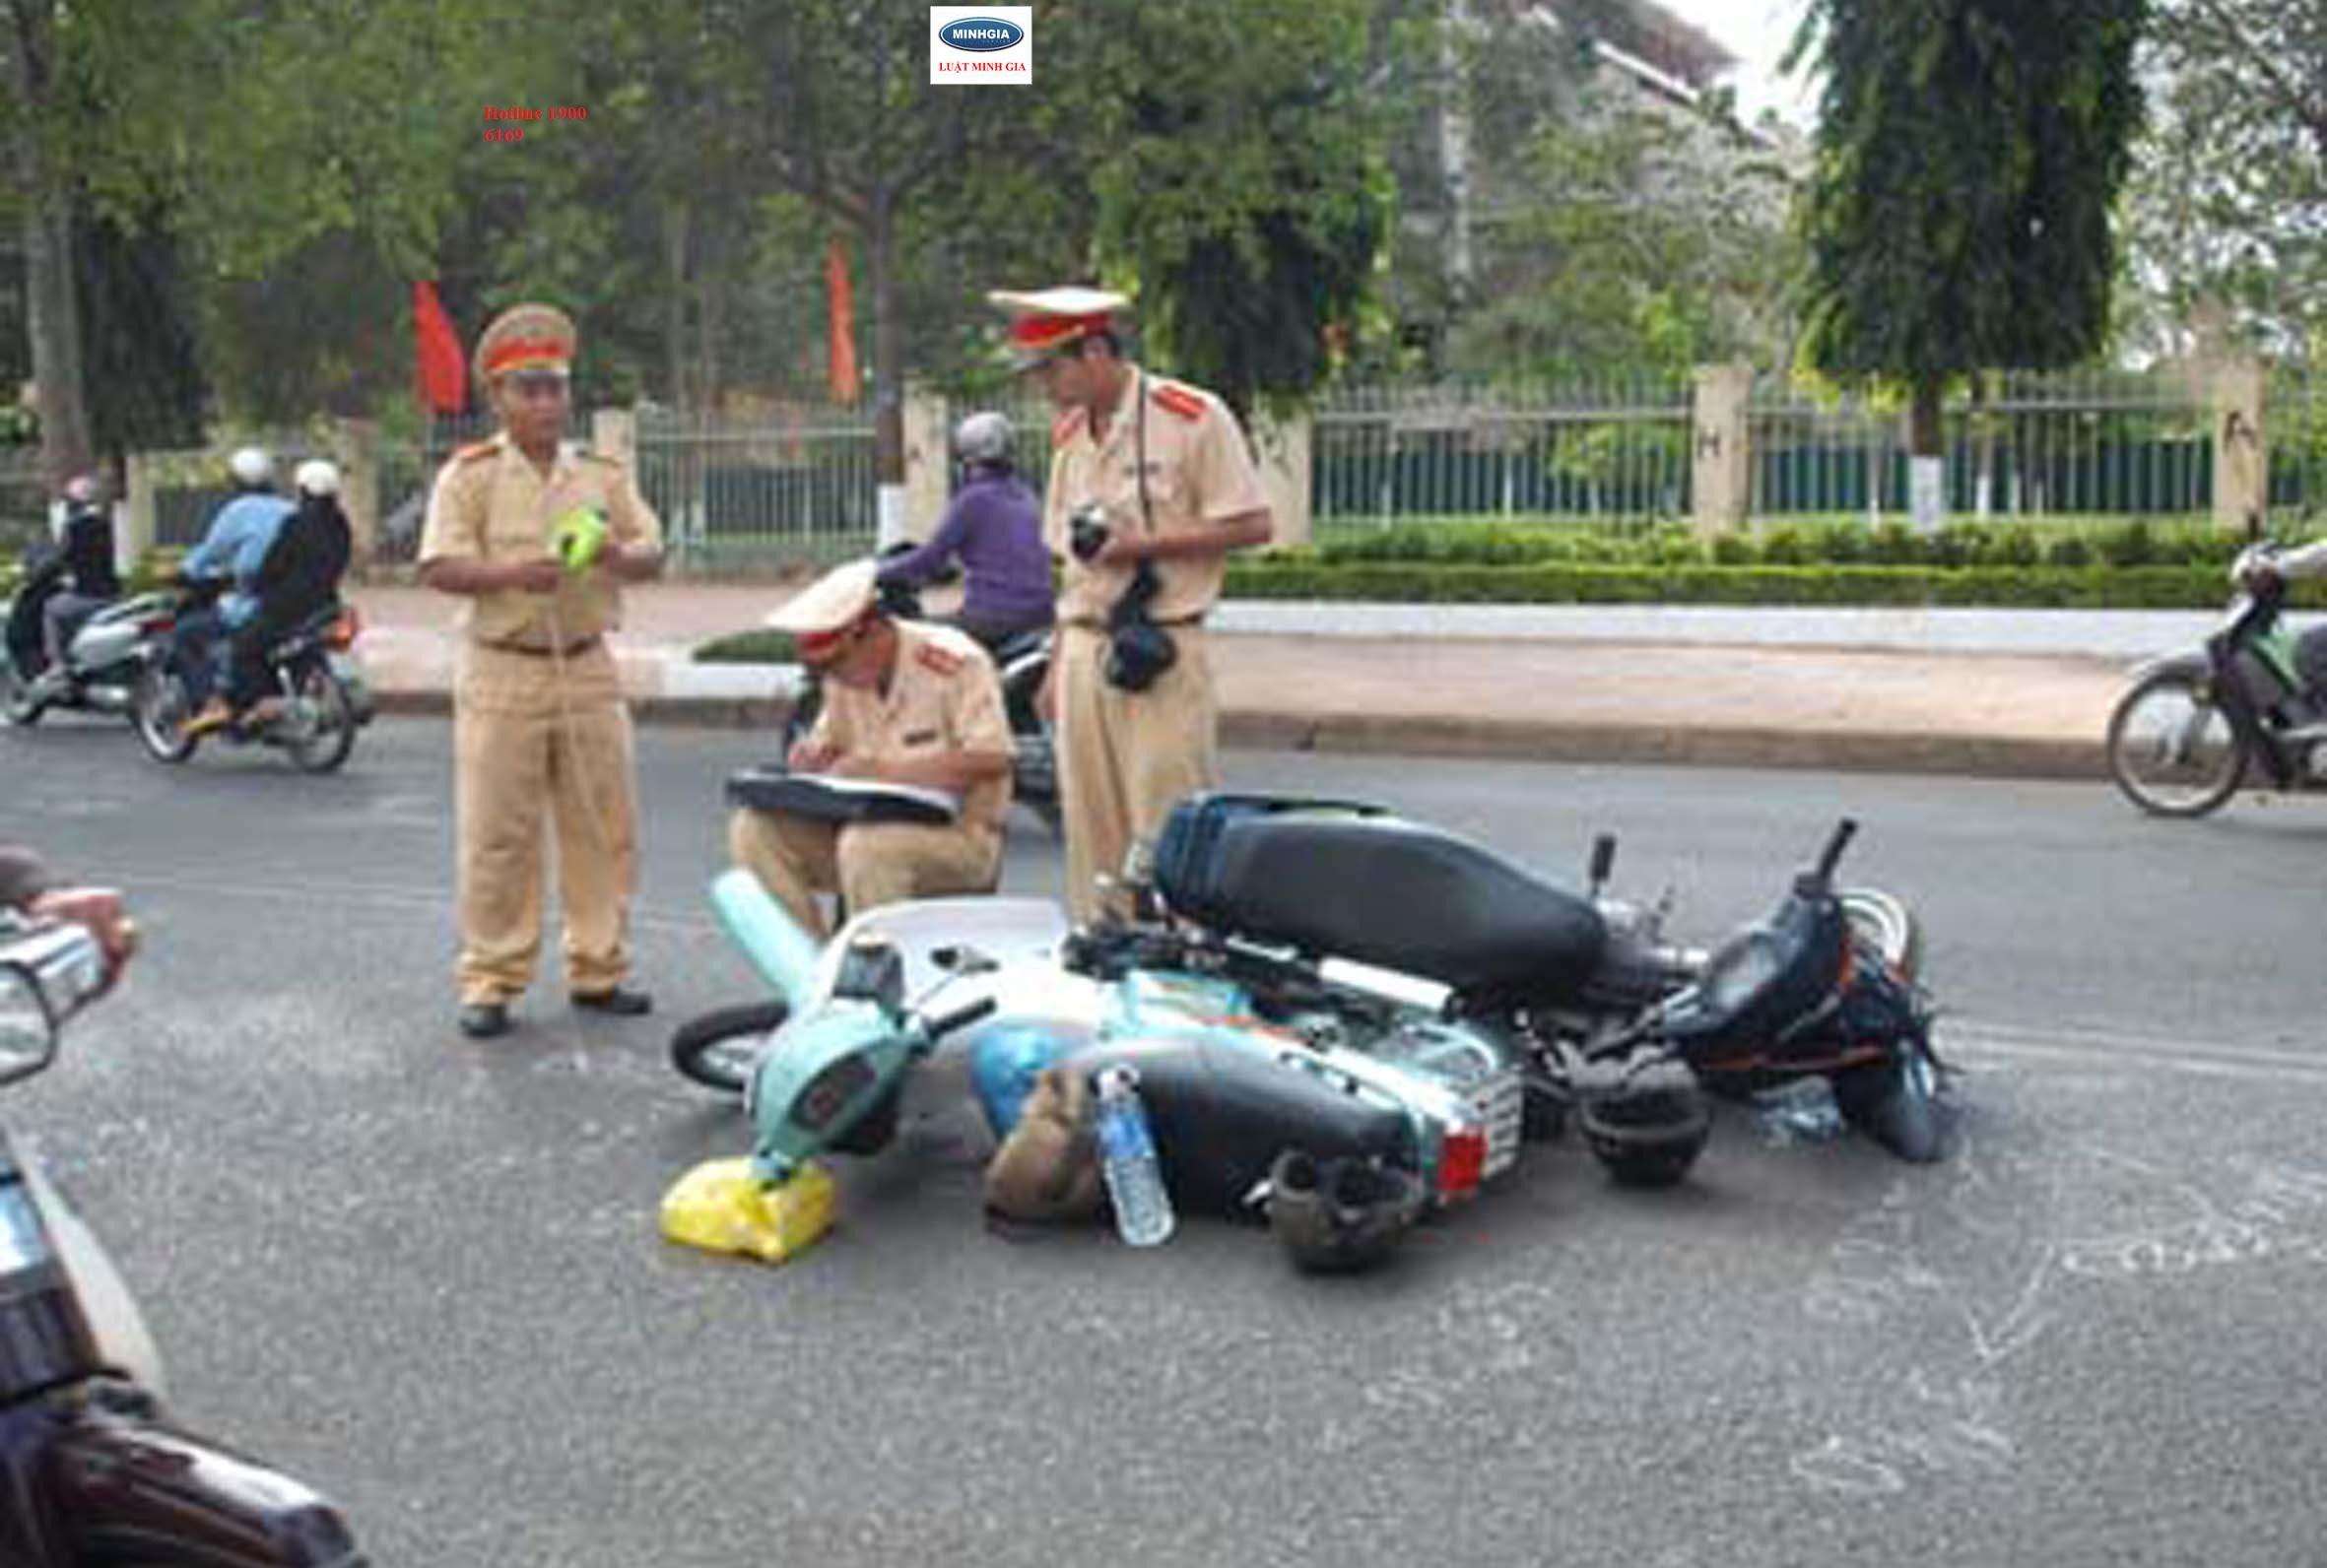 Thời hạn tạm giữ xe khi xảy ra tai nạn giao thông